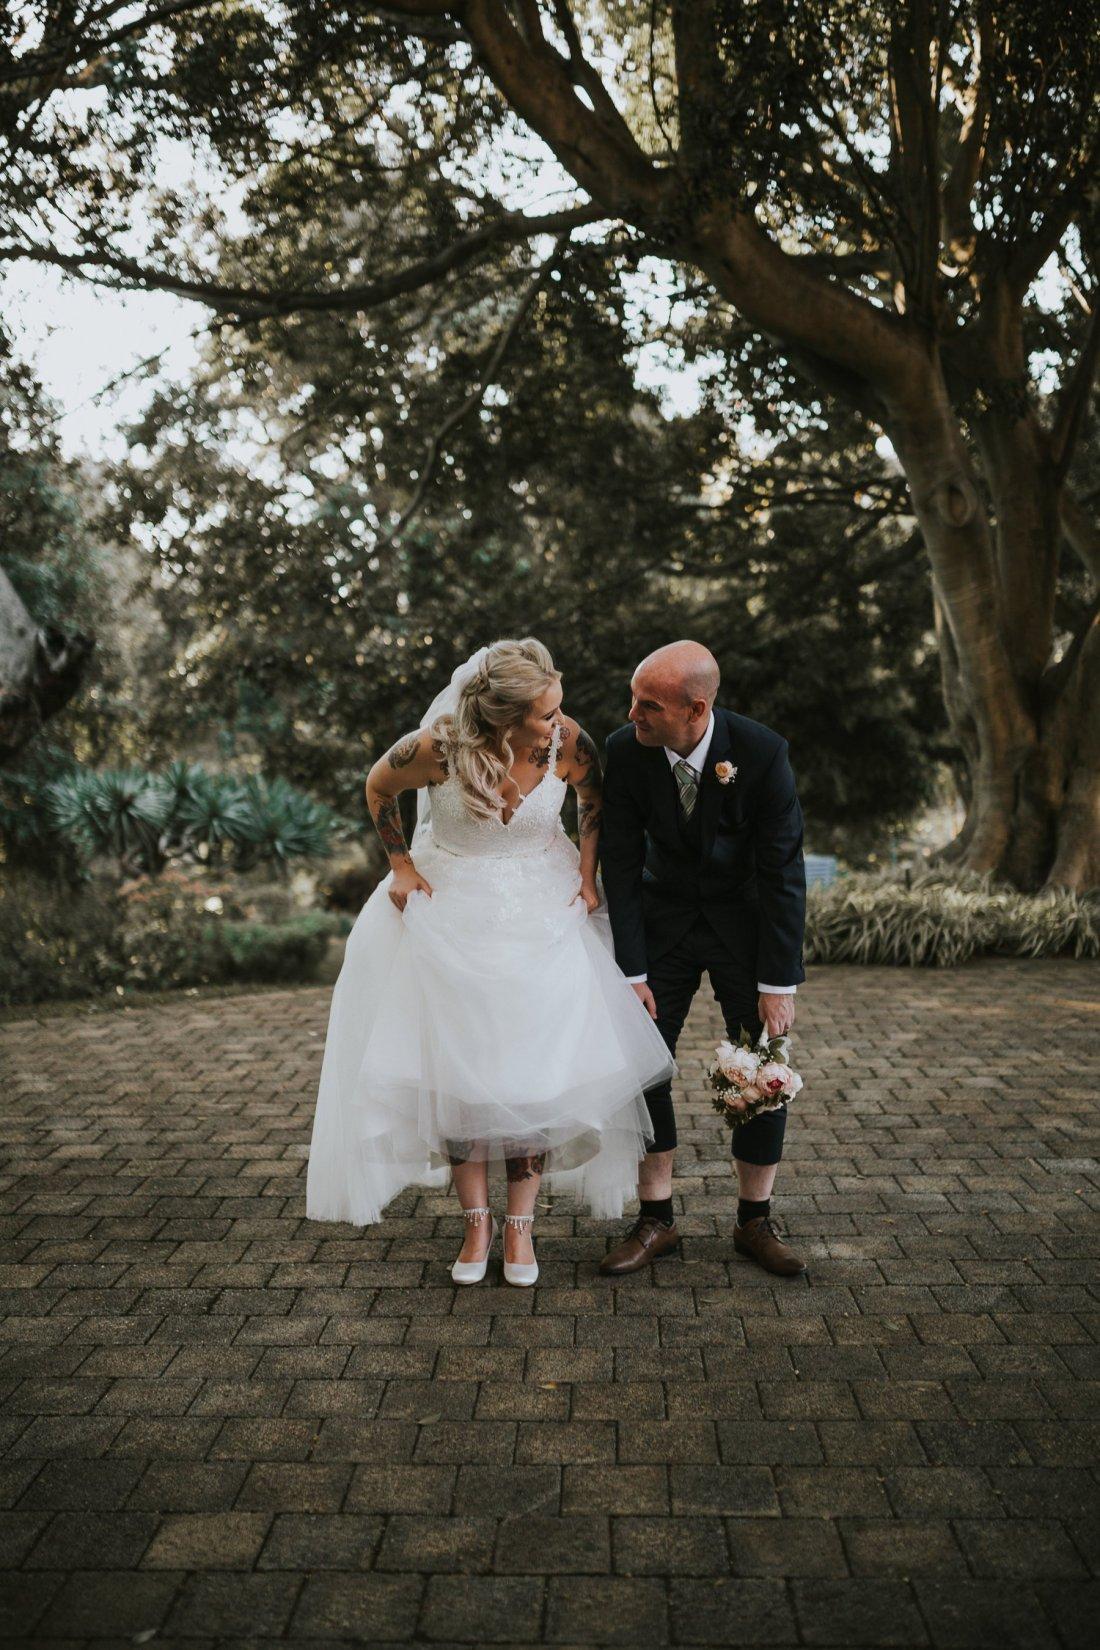 Ebony Blush Photography | Perth Wedding Photographer | Kate + Gareth | Yallingup Wedding Photos45